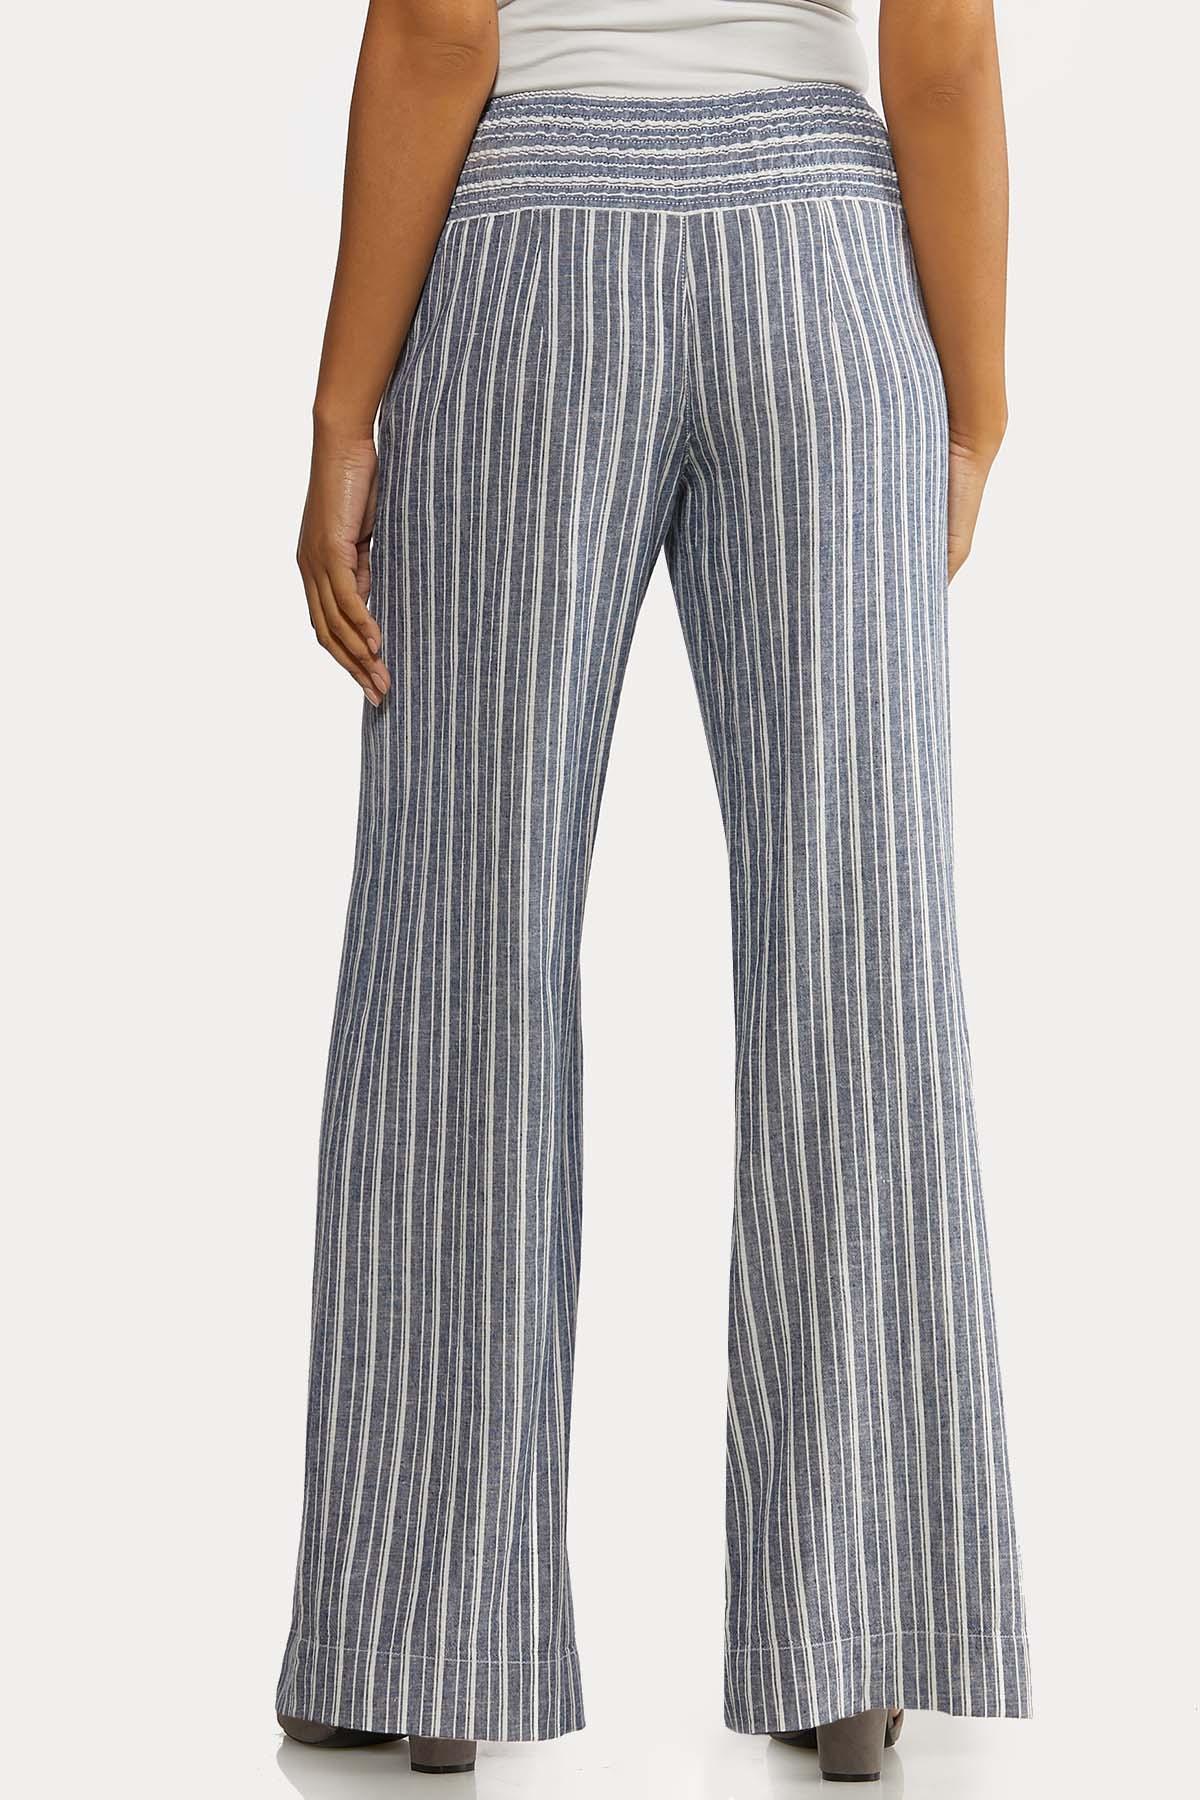 Blue Stripe Linen Pants (Item #44233478)